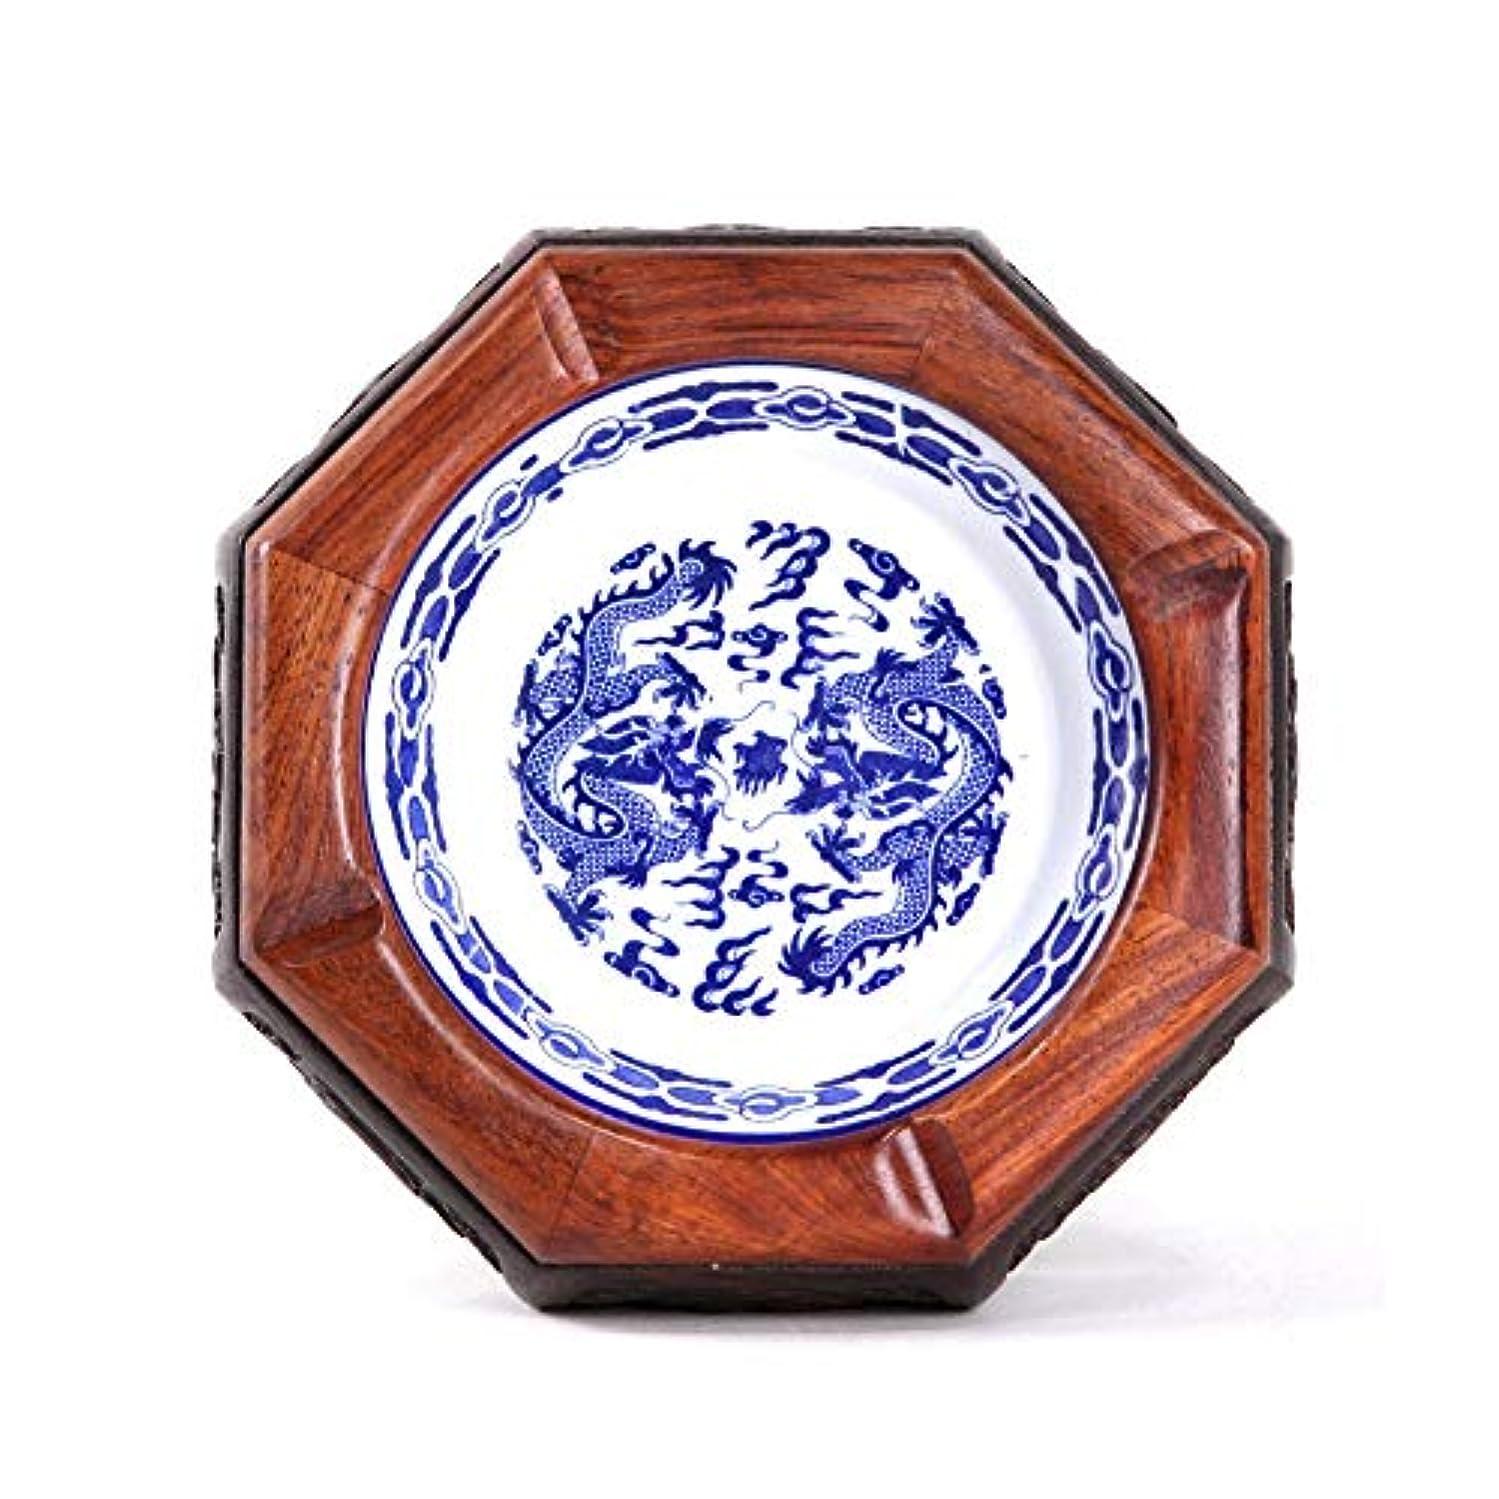 はちみつ家族贅沢なオフィスの居間の灰皿、中国のレトロな陶磁器並ぶ木製の灰皿、家の屋内と屋外の庭のエレガントな灰皿 (色 : L)